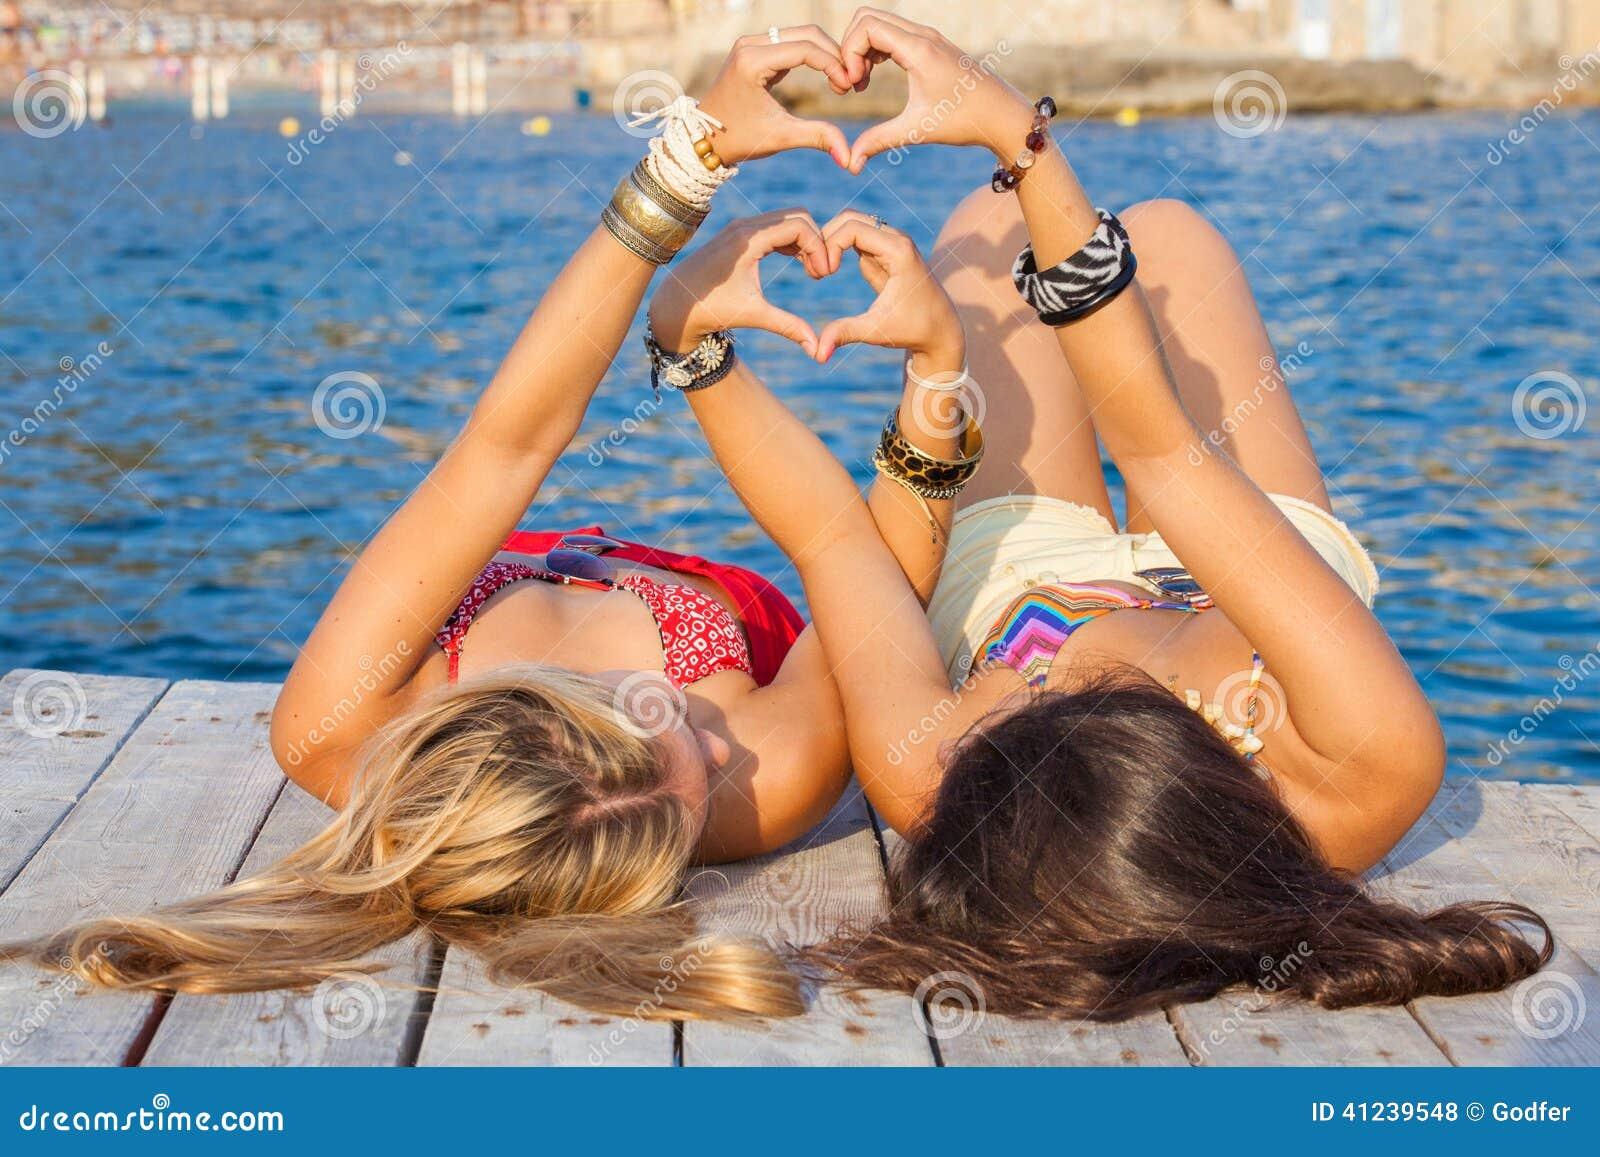 Две девушки на отдыхе фото